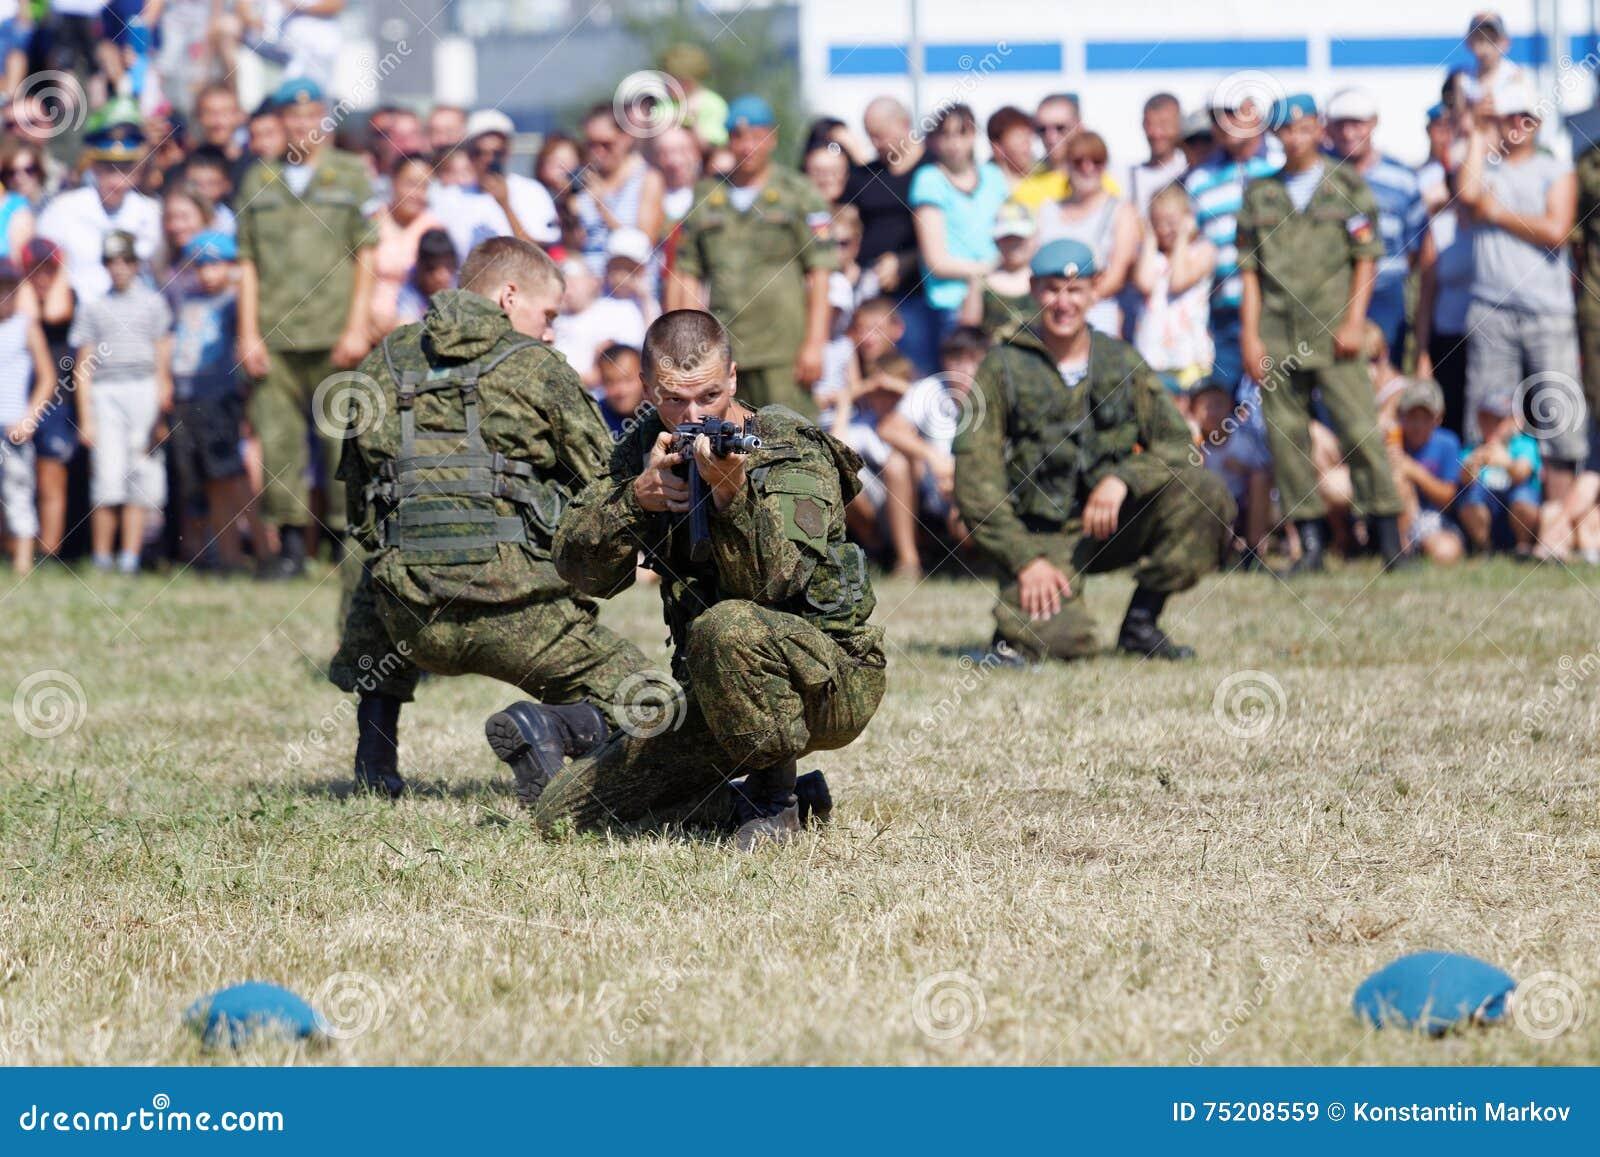 Demonstrationen von Soldaten während der Feier der zerstreuten Kräfte